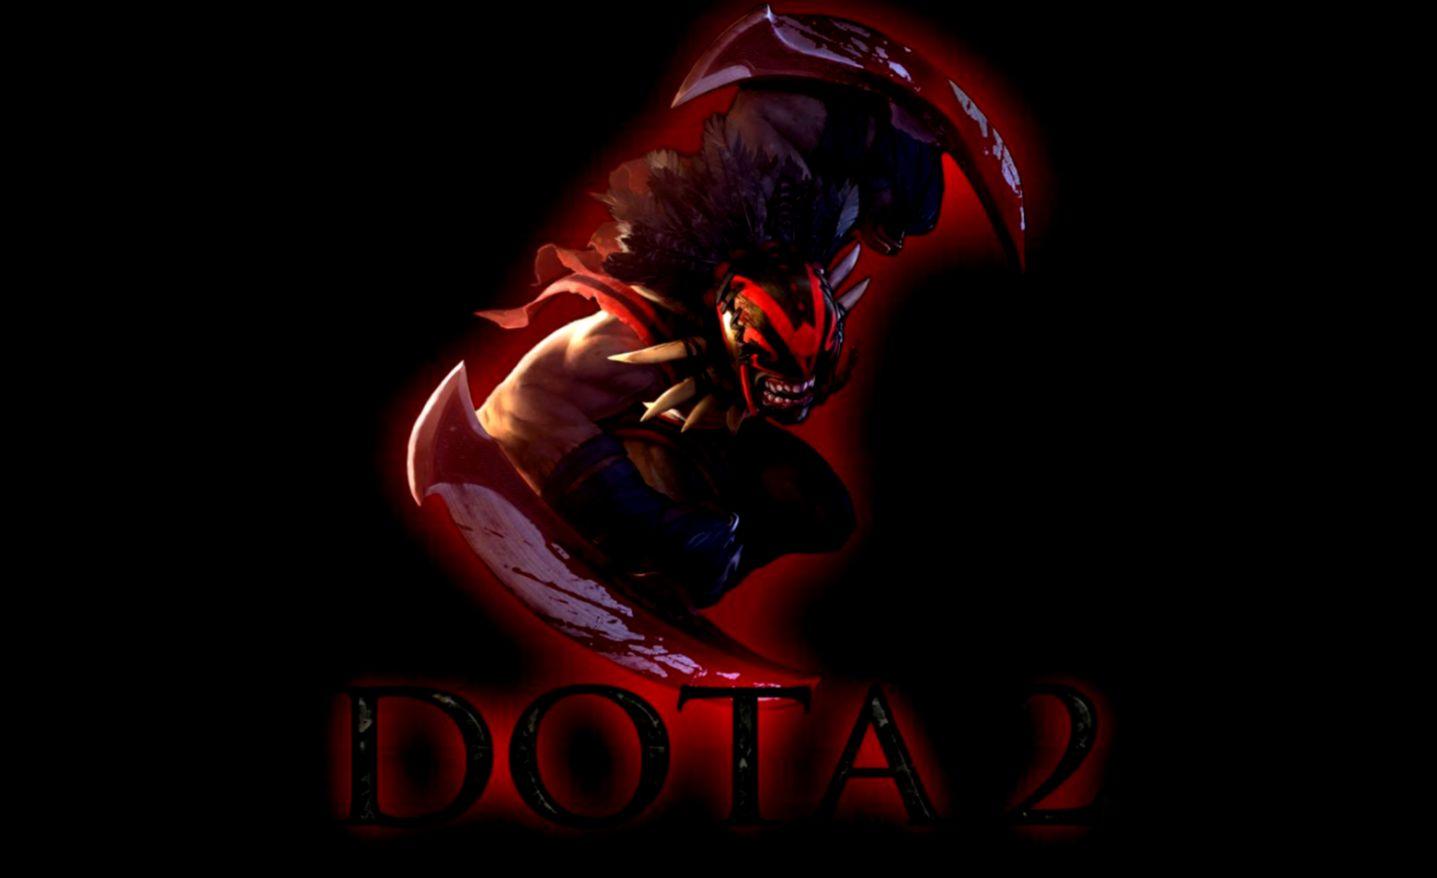 Dota2 Bloodseeker Hd Wallpapers - Dota 2 Bloodseeker Wallpaper 4k , HD Wallpaper & Backgrounds